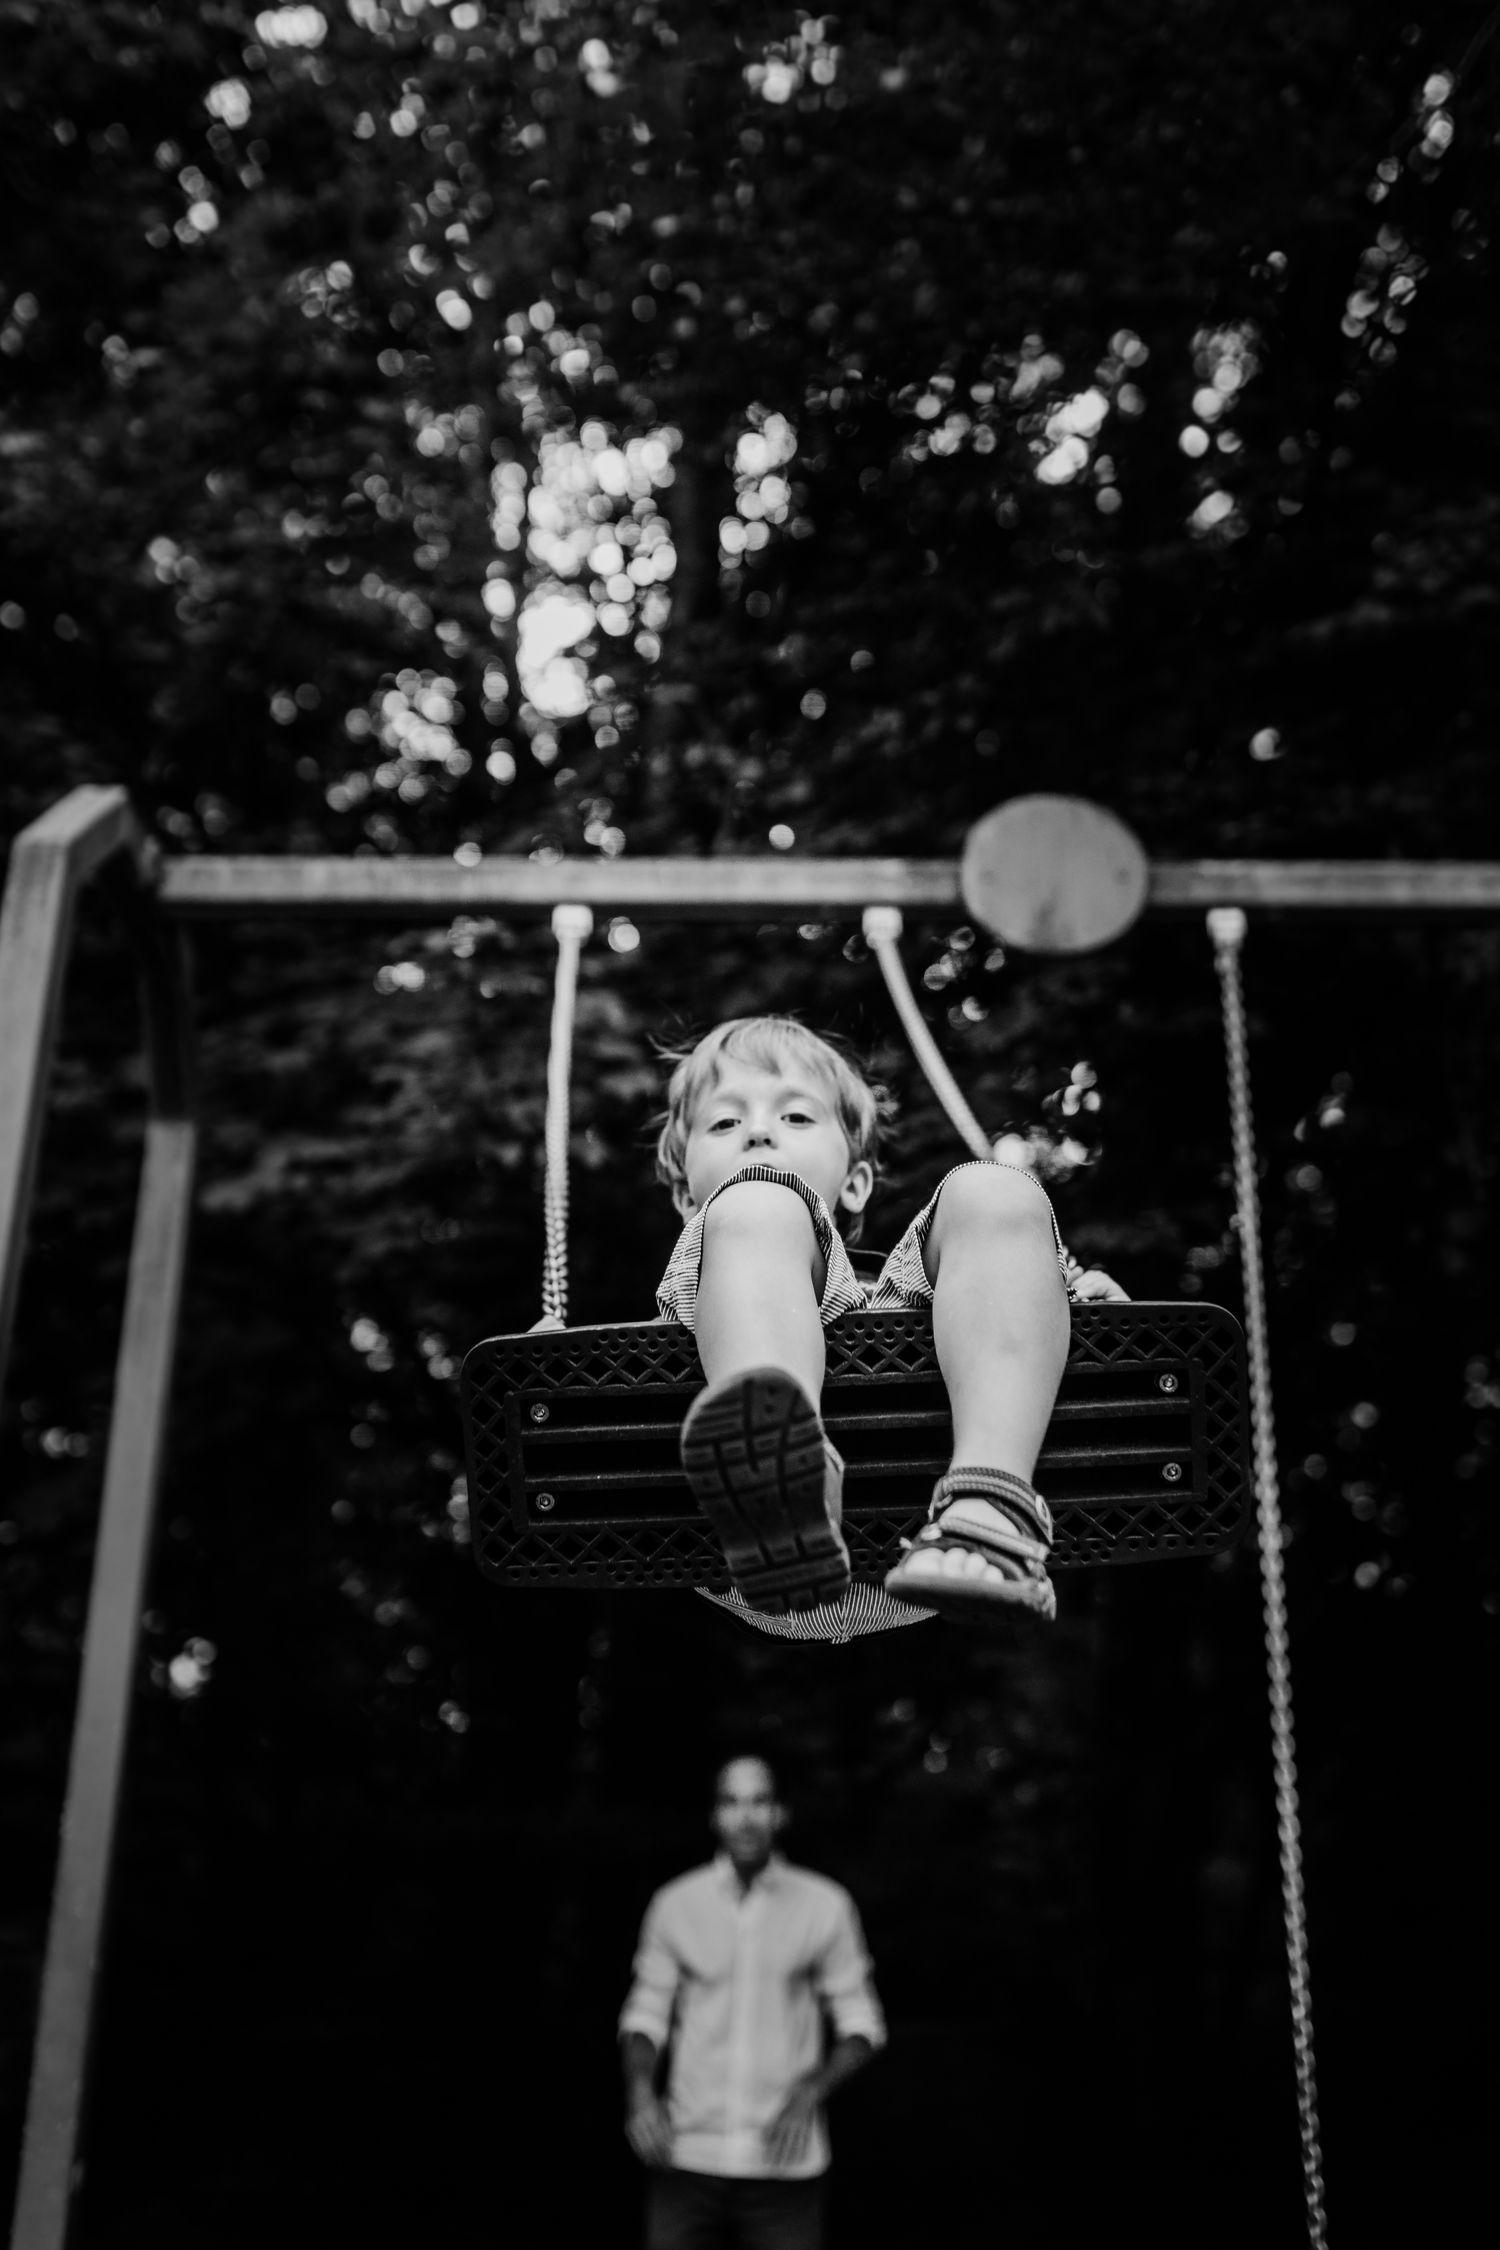 schaukelndes Kind auf dem Spielplatz